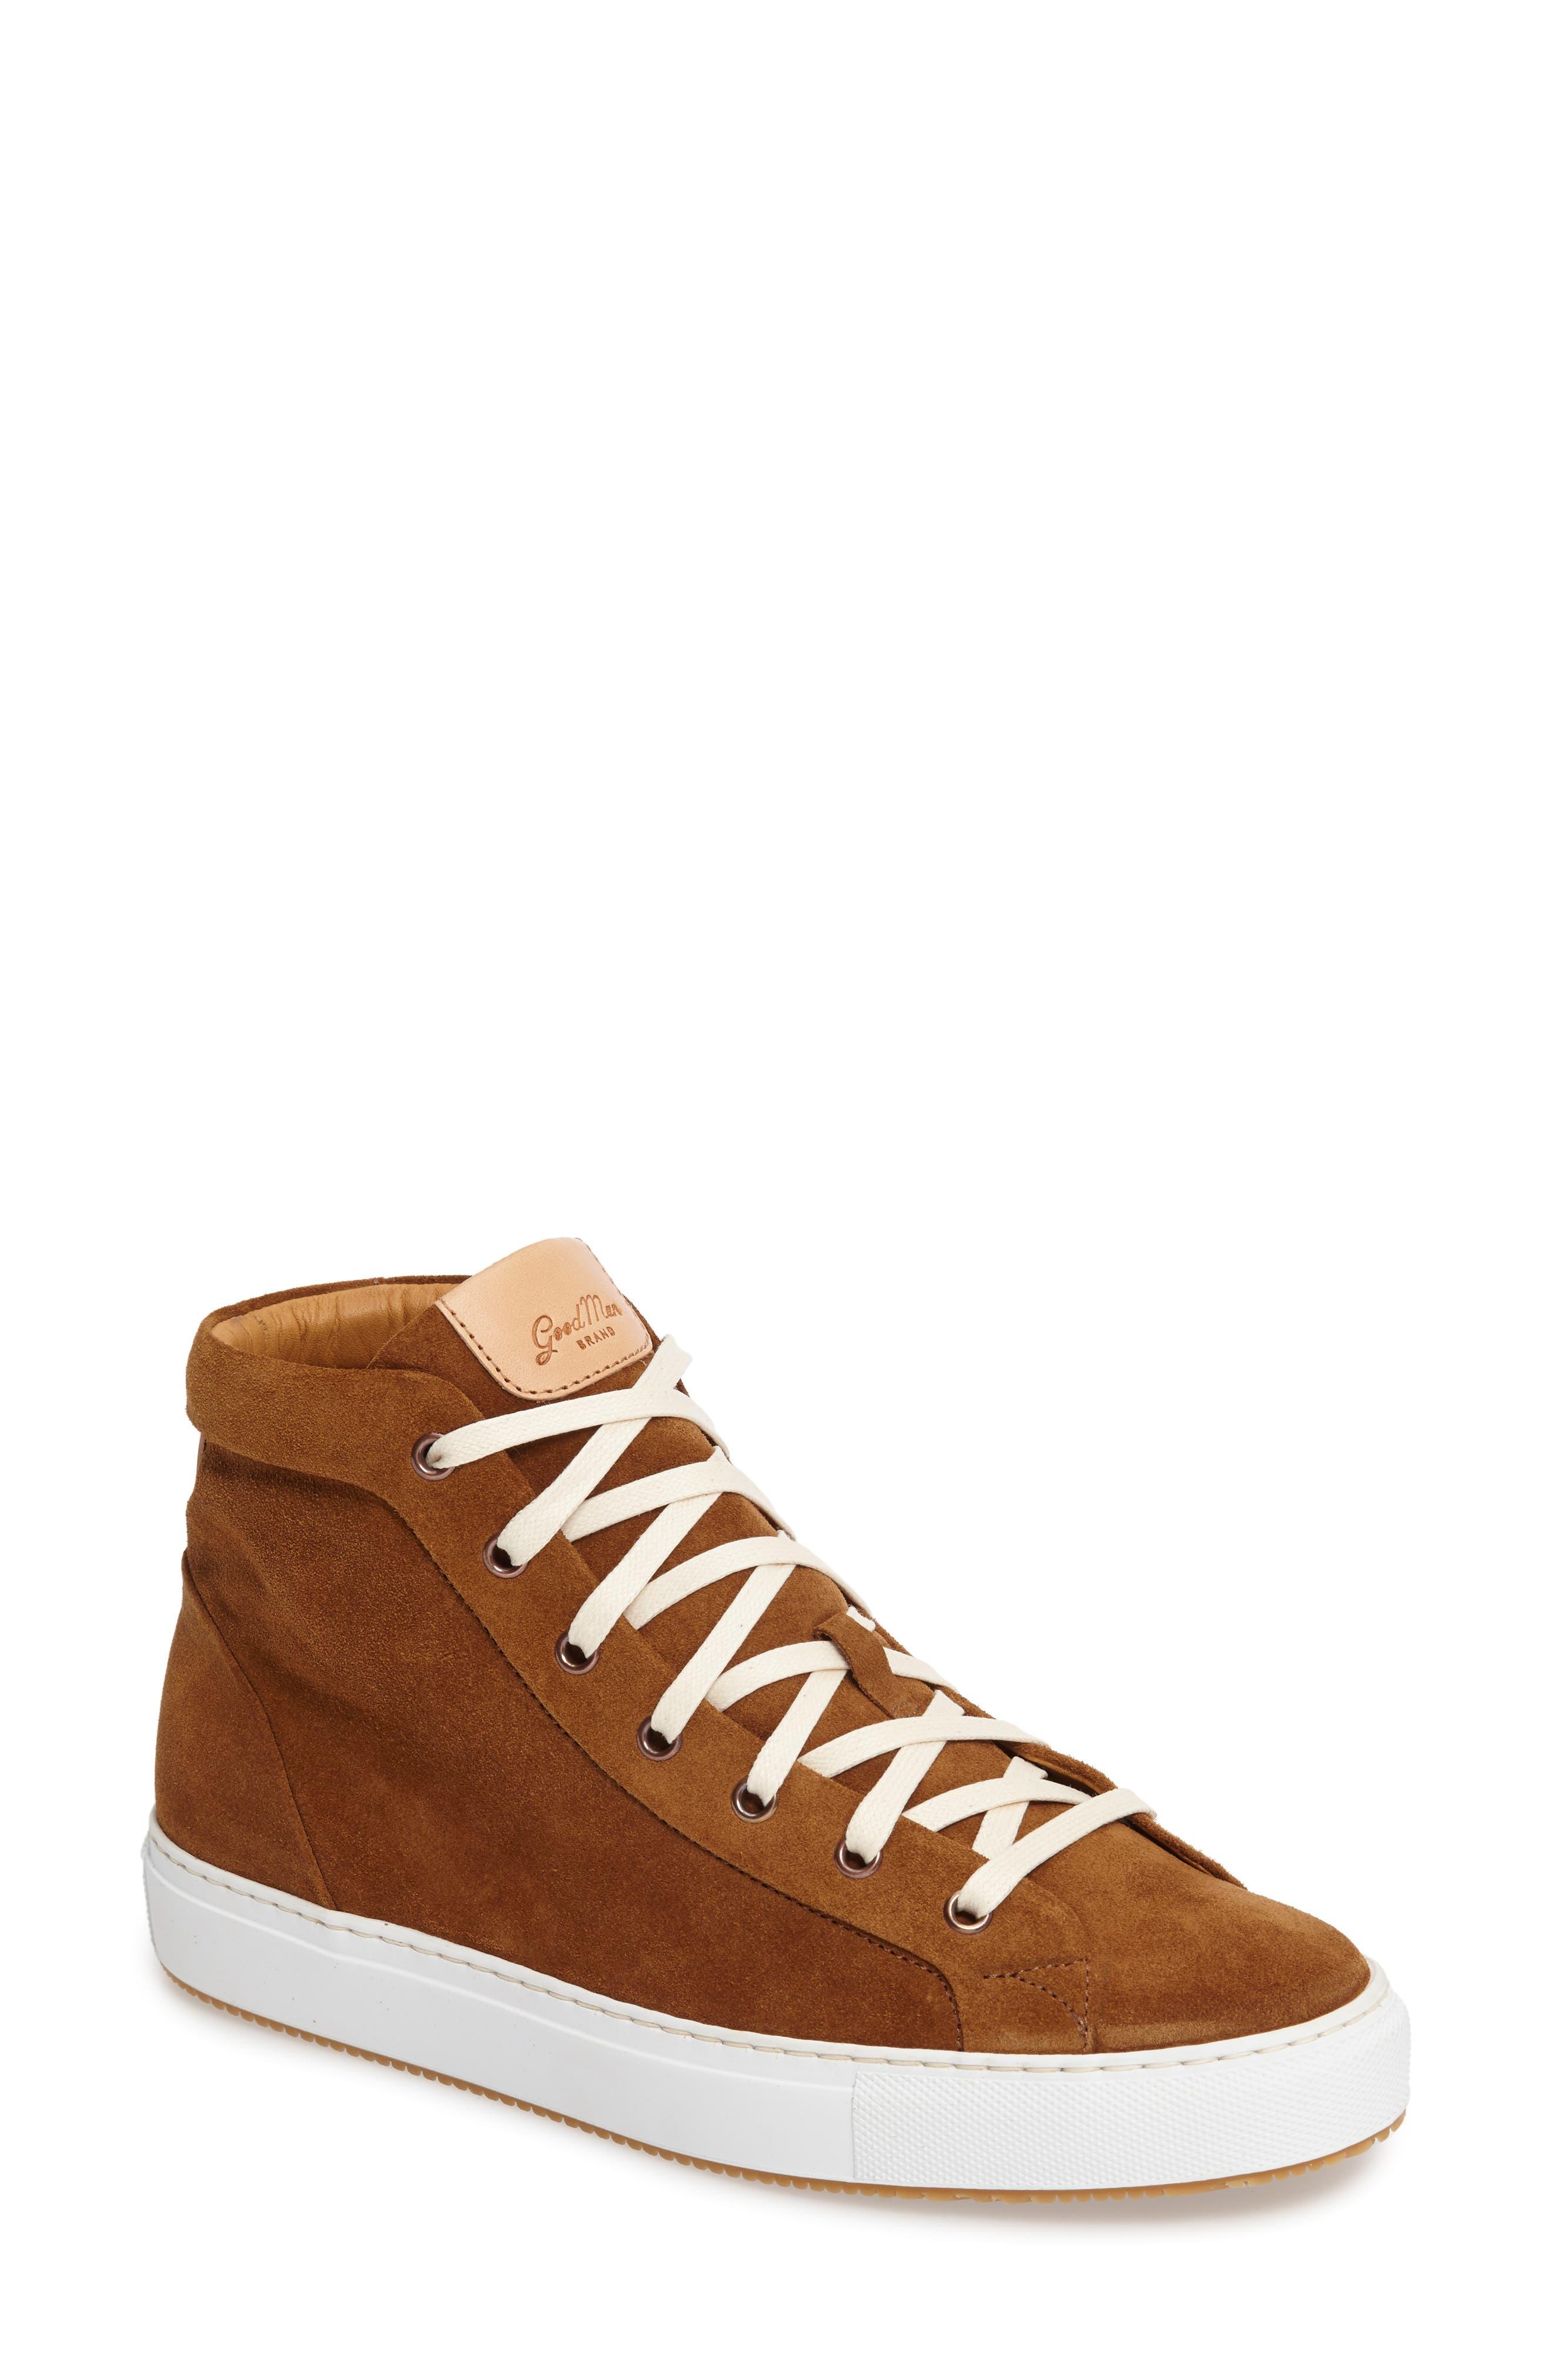 Sure Shot Hi Sneaker,                         Main,                         color, 213